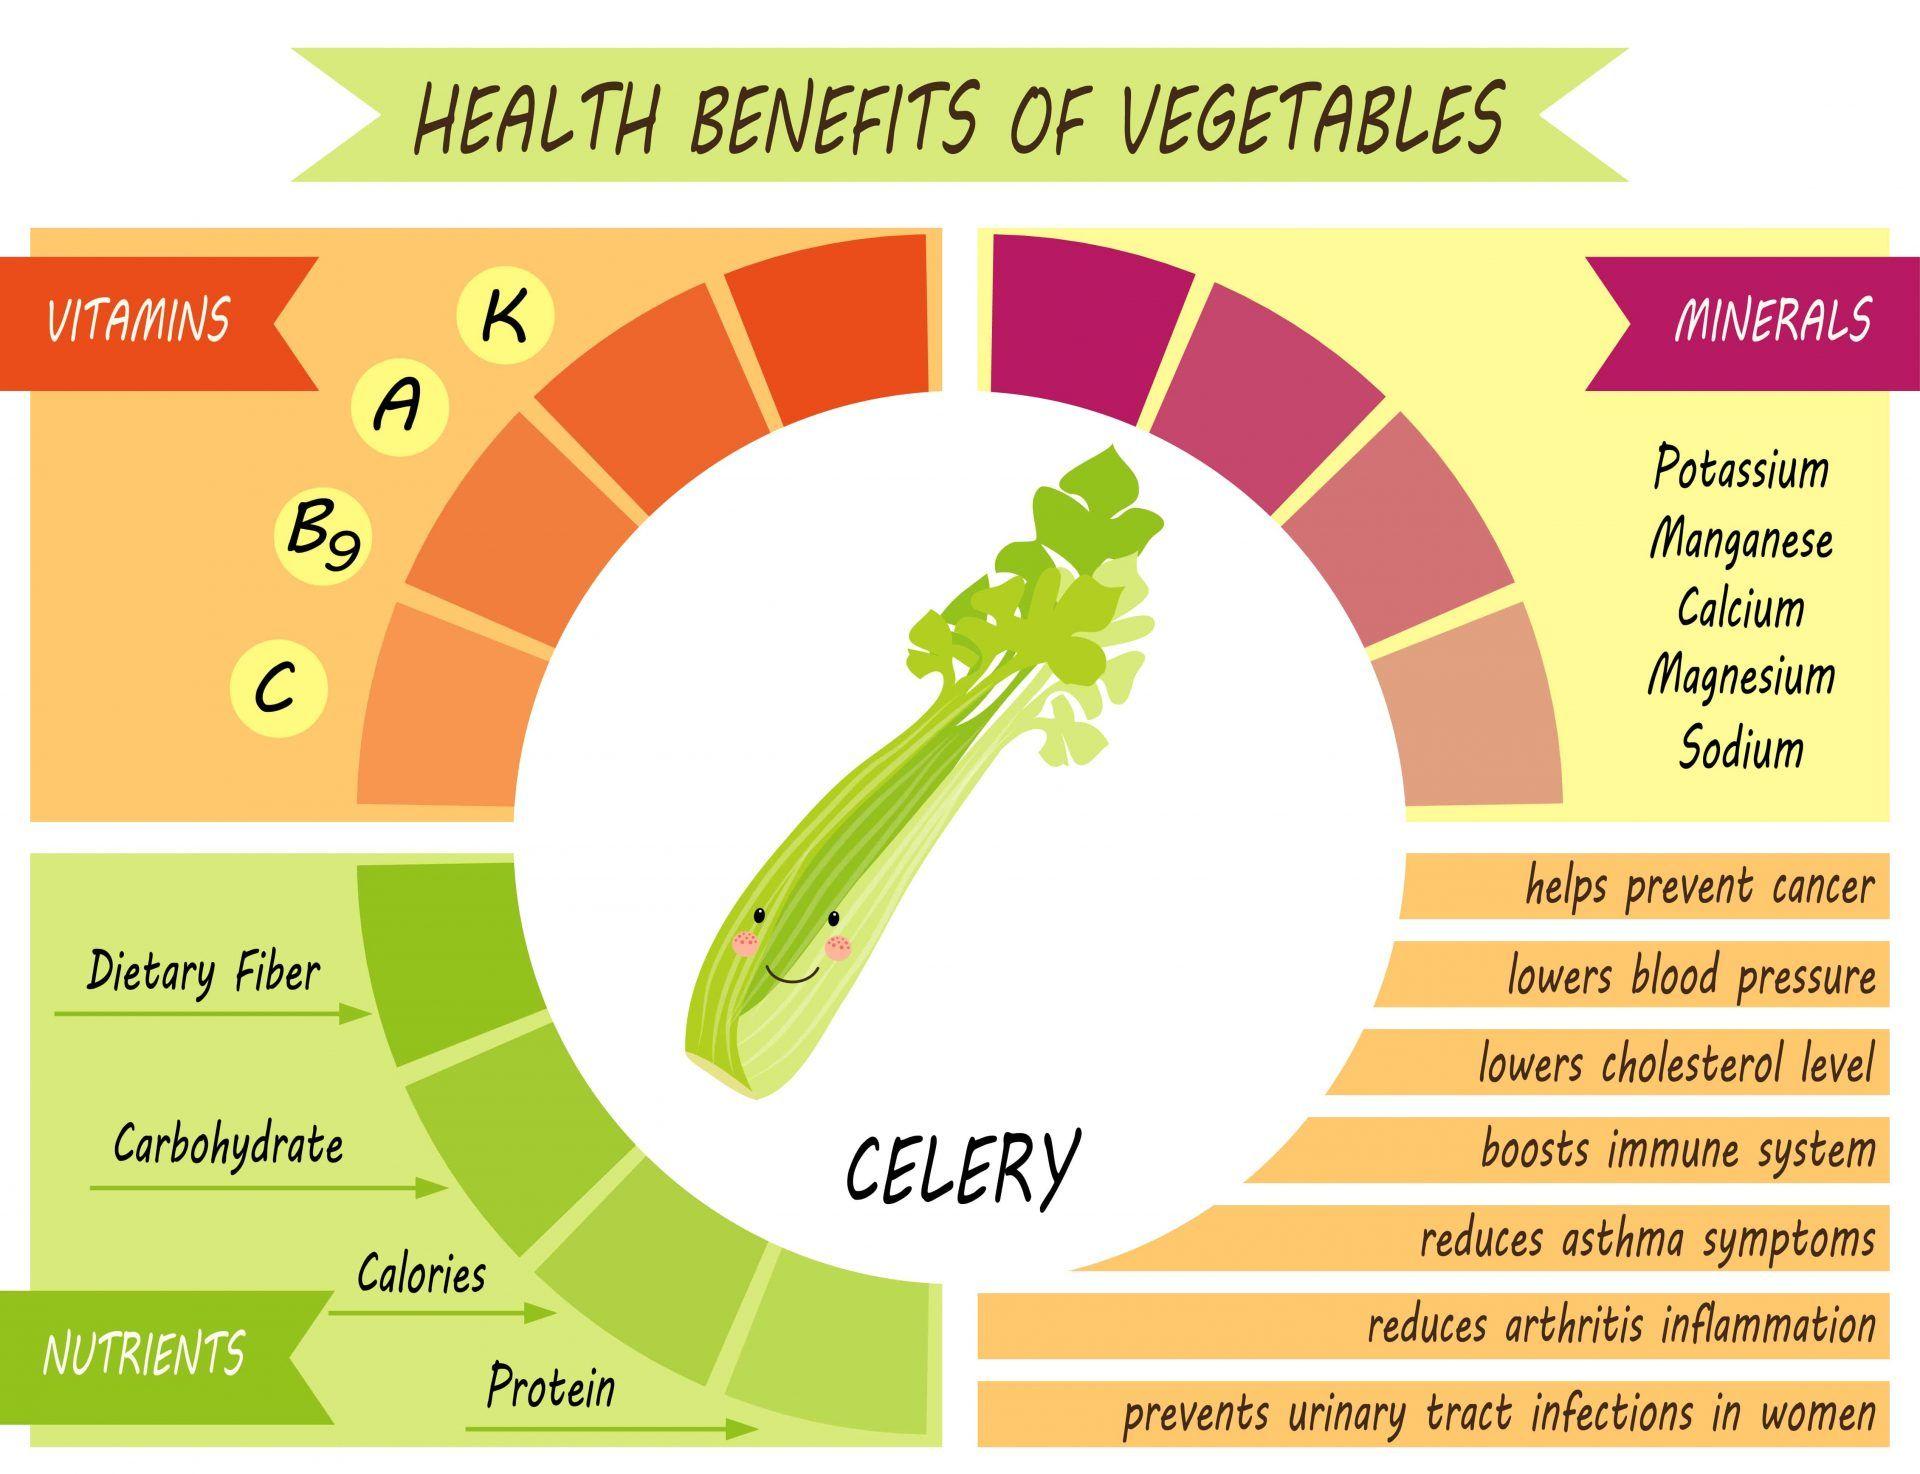 Celery Benefits infographic